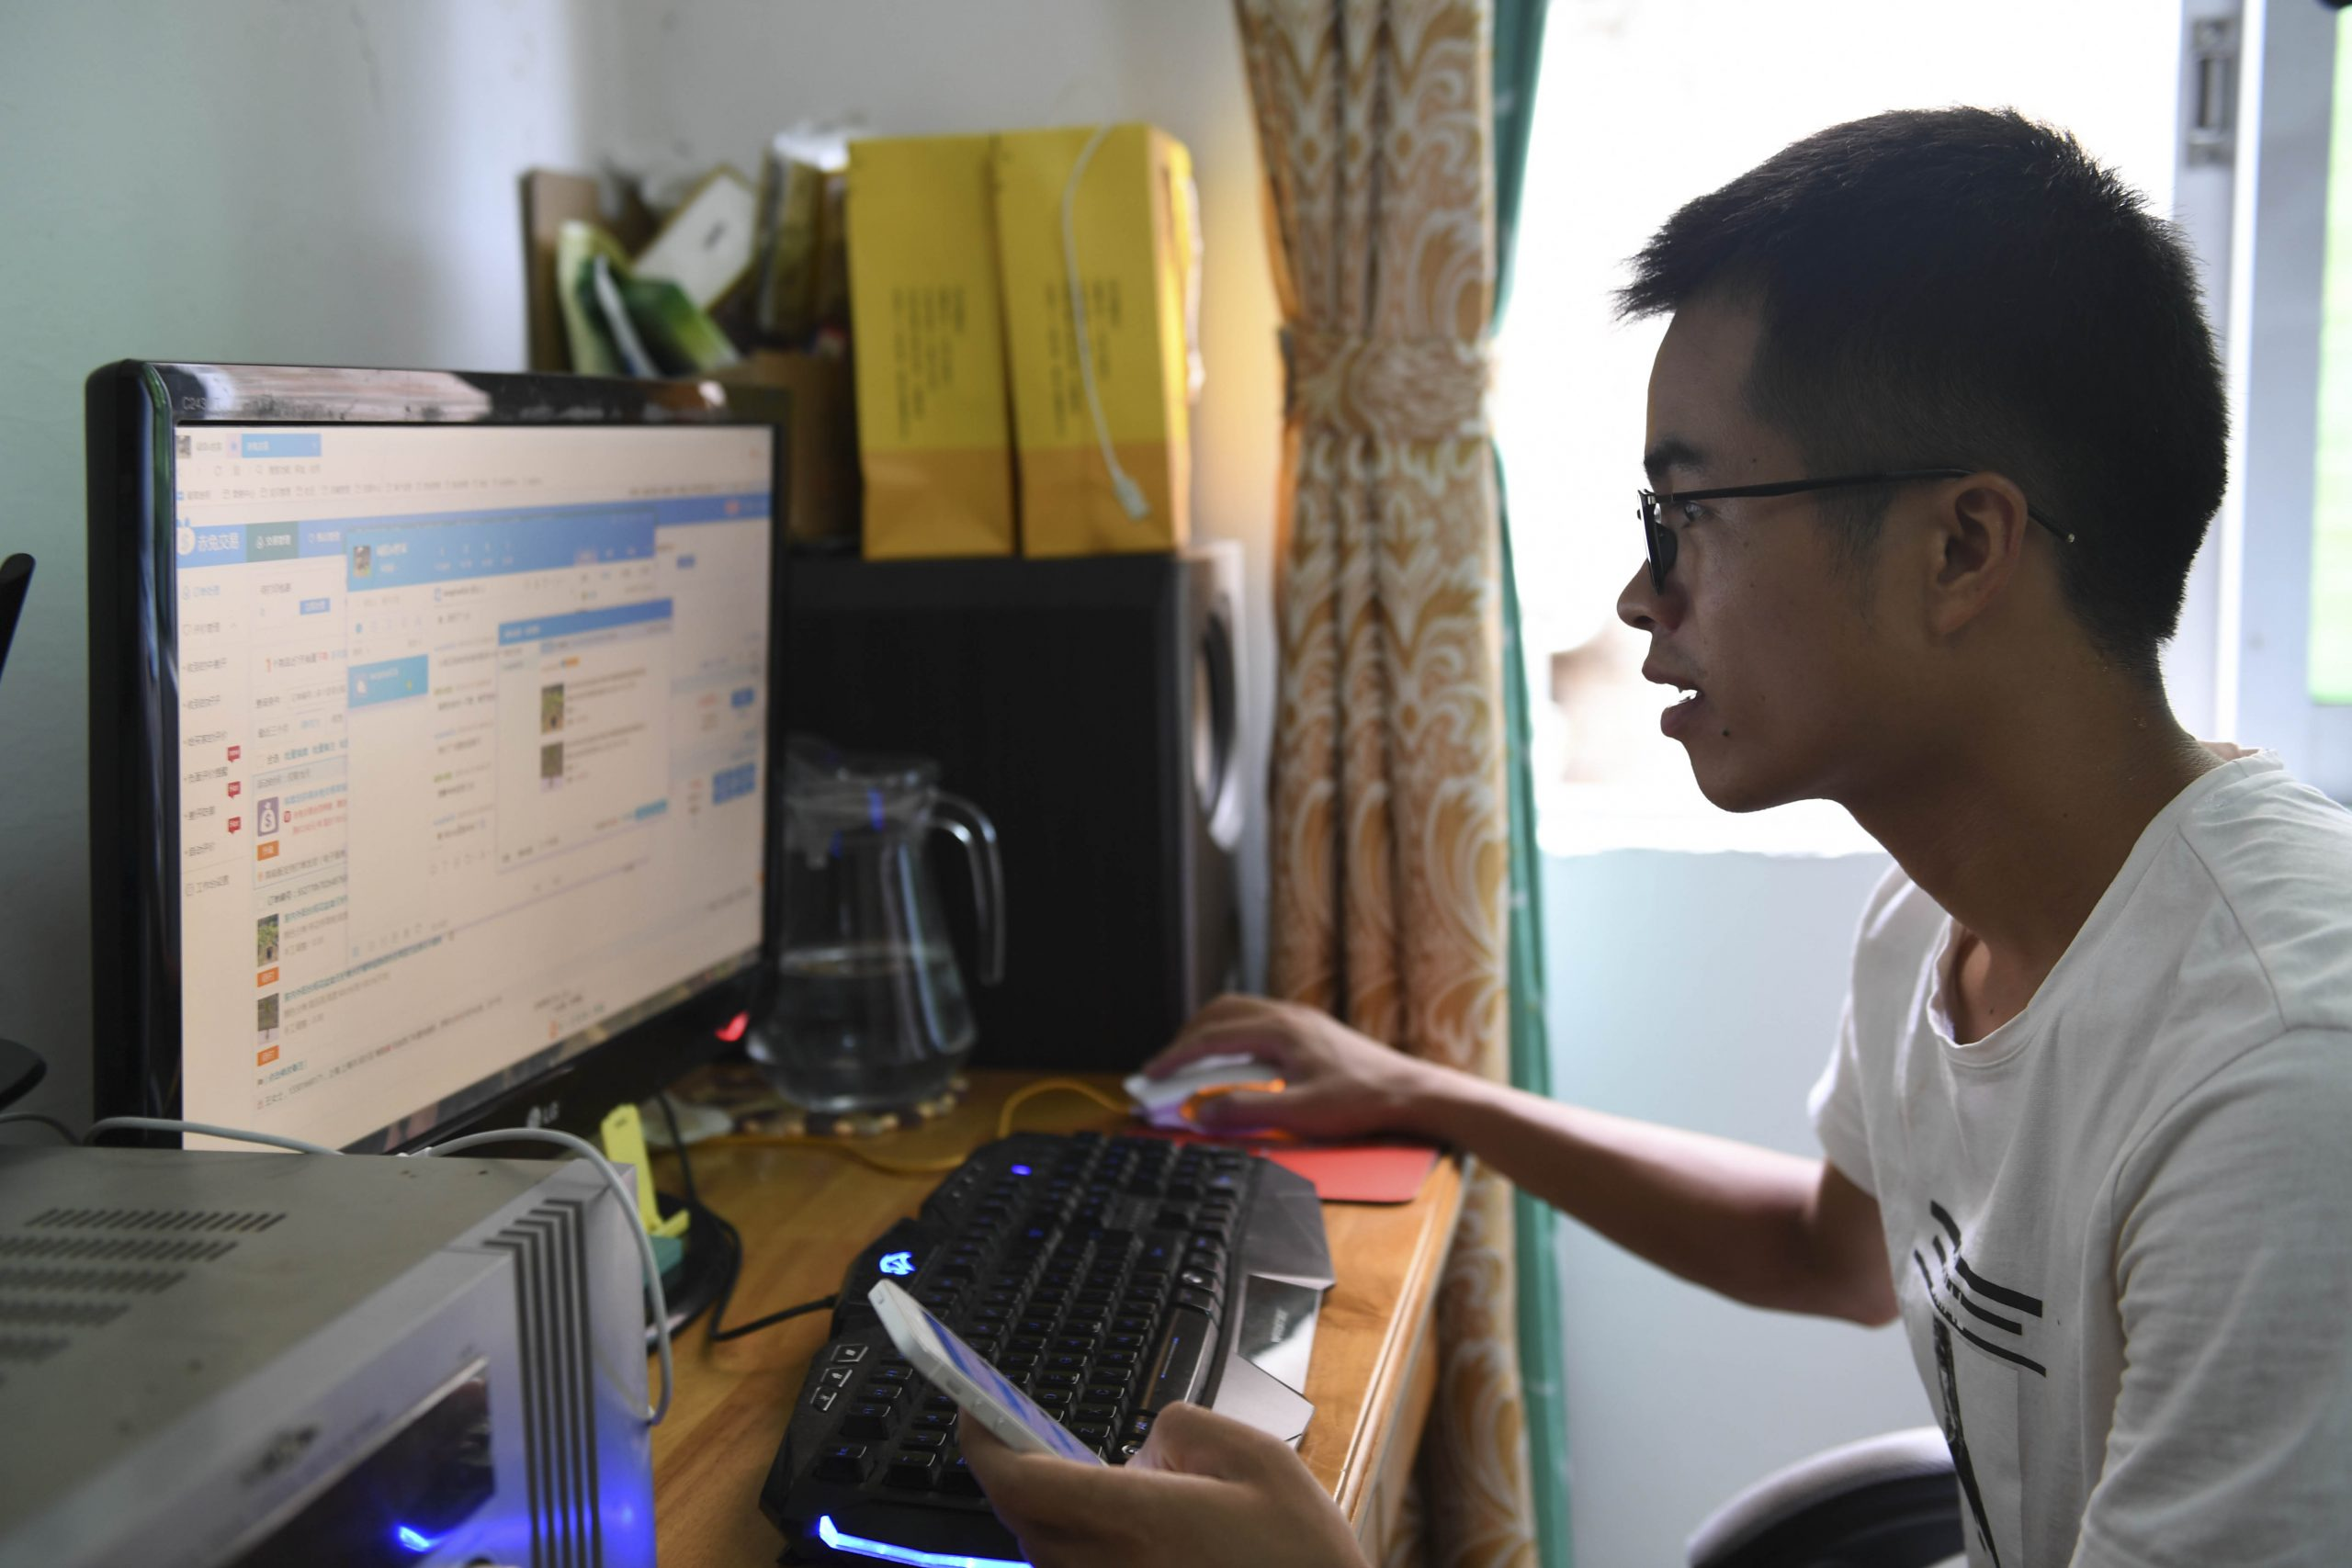 Tribunales chinos continúan con servicios judiciales durante epidemia de COVID-19